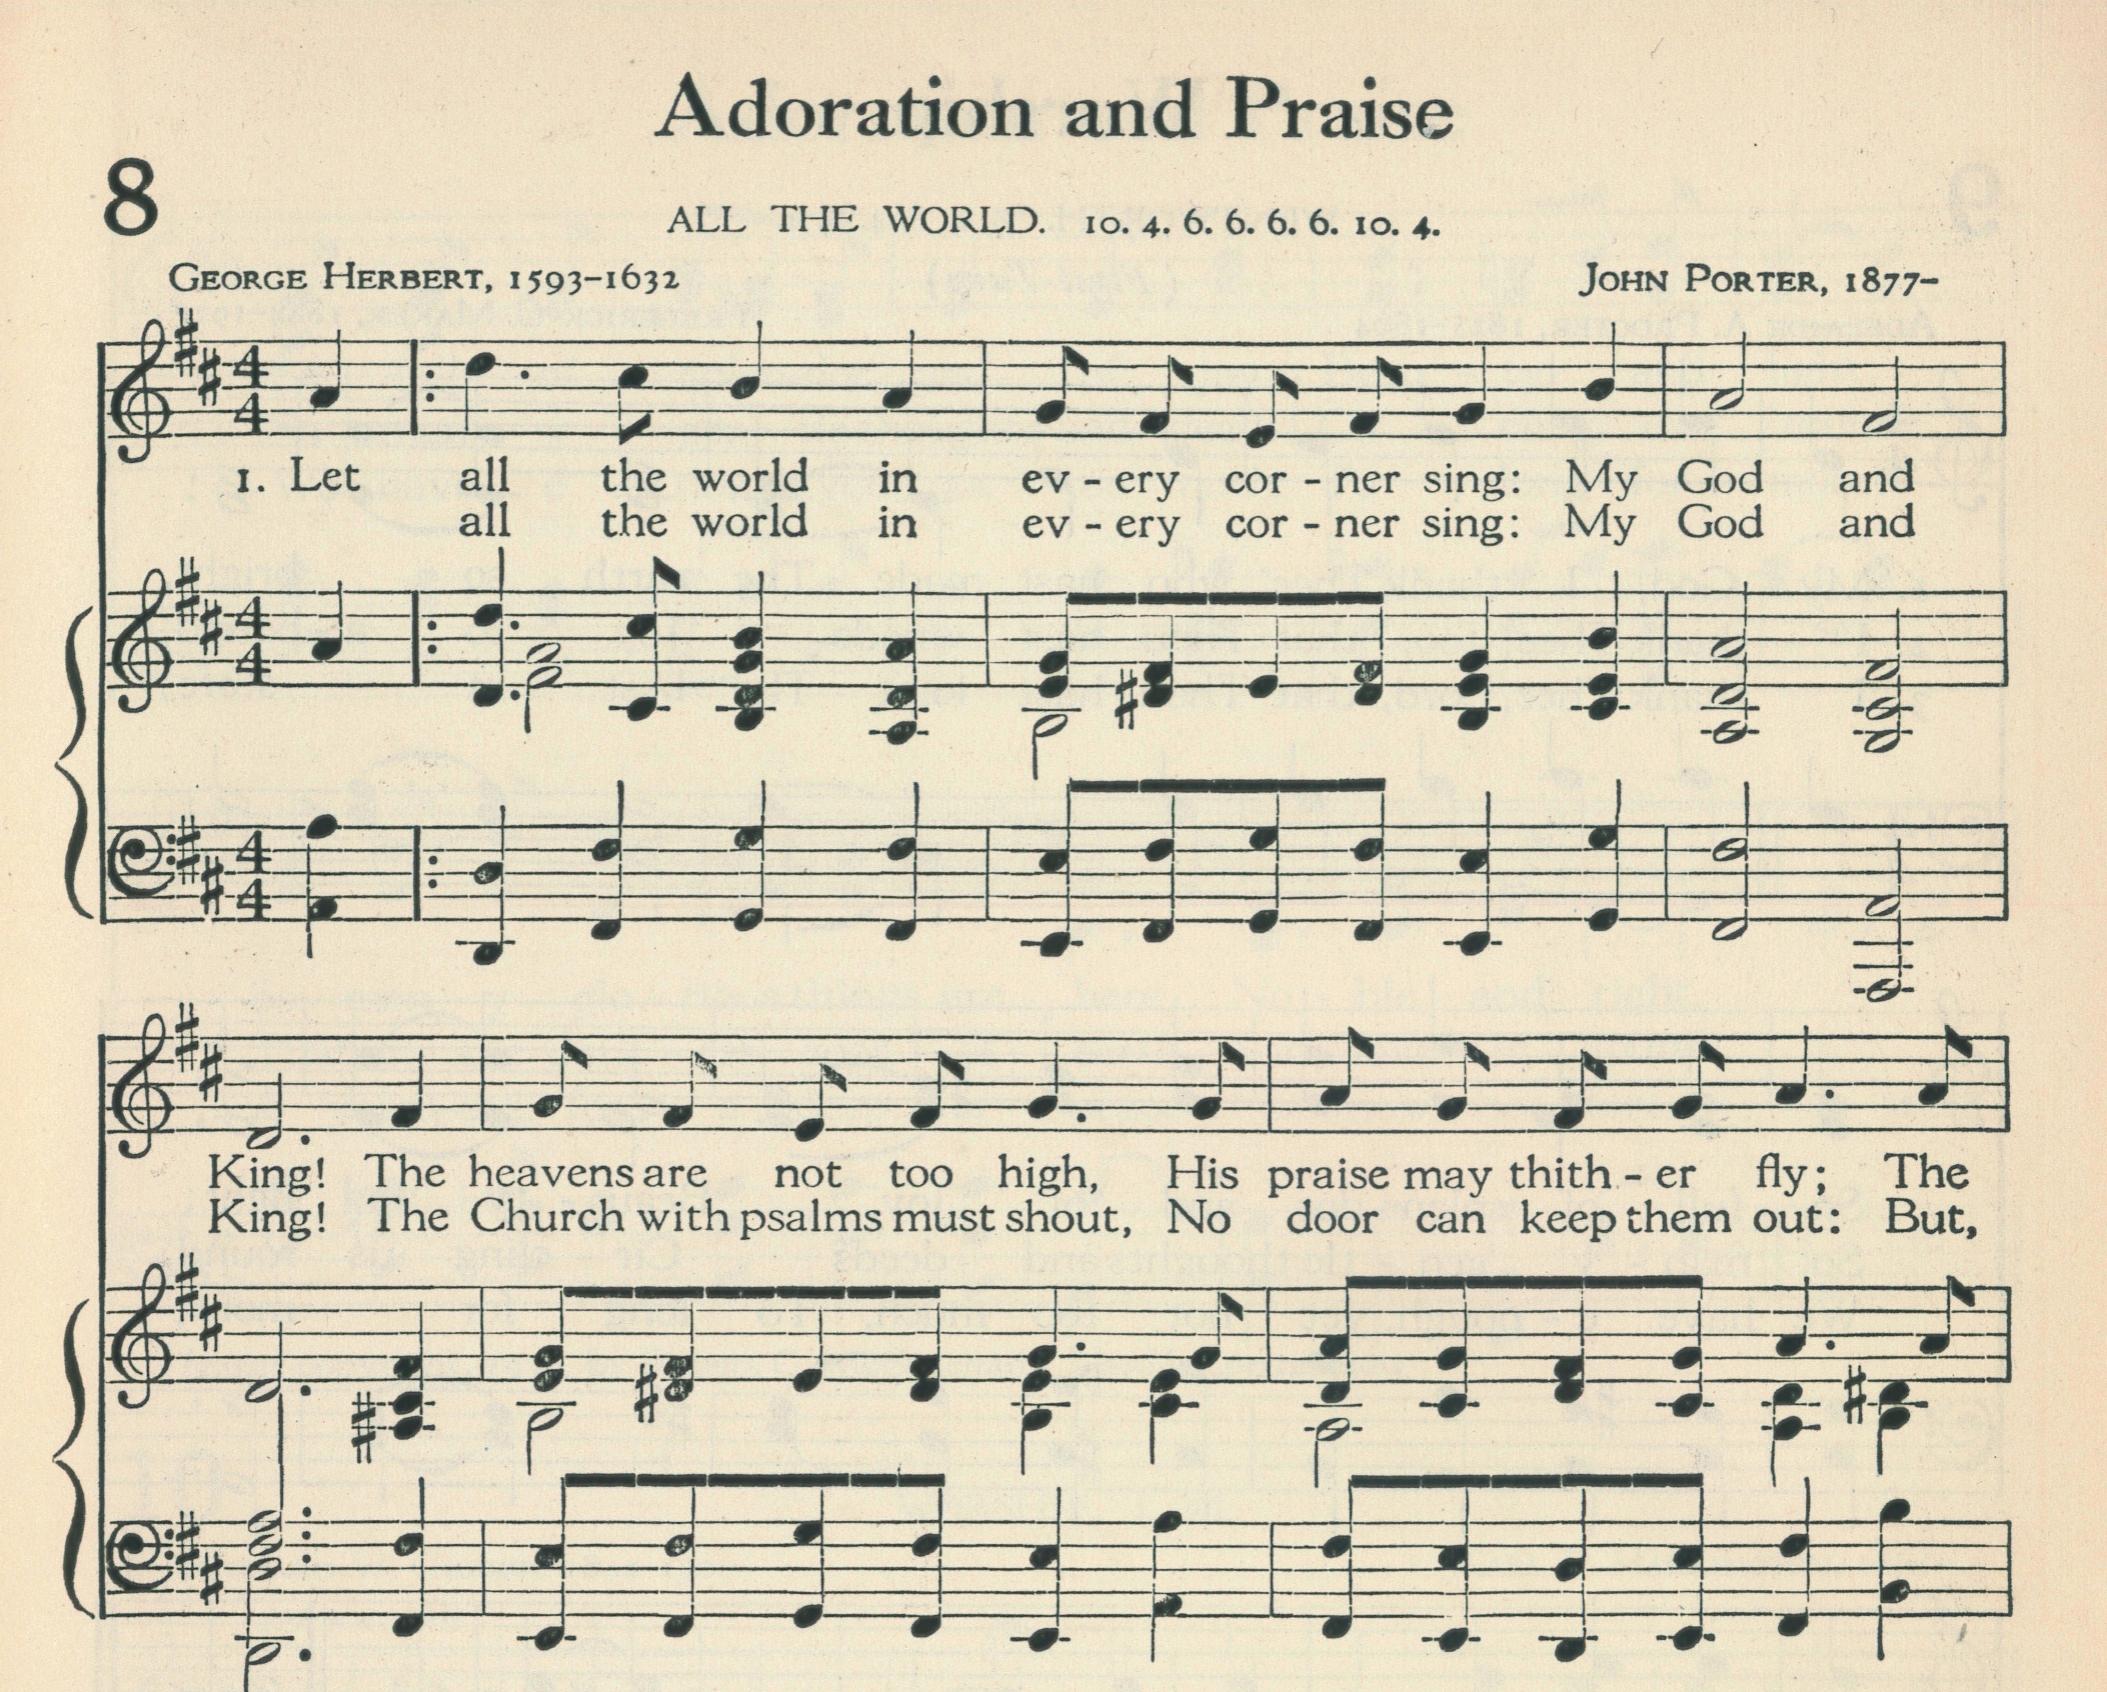 Fig. 4.   The Methodist Hymnal  (Nashville: Methodist Episcopal Church South, 1935), excerpt. ©1962 Abingdon Press.